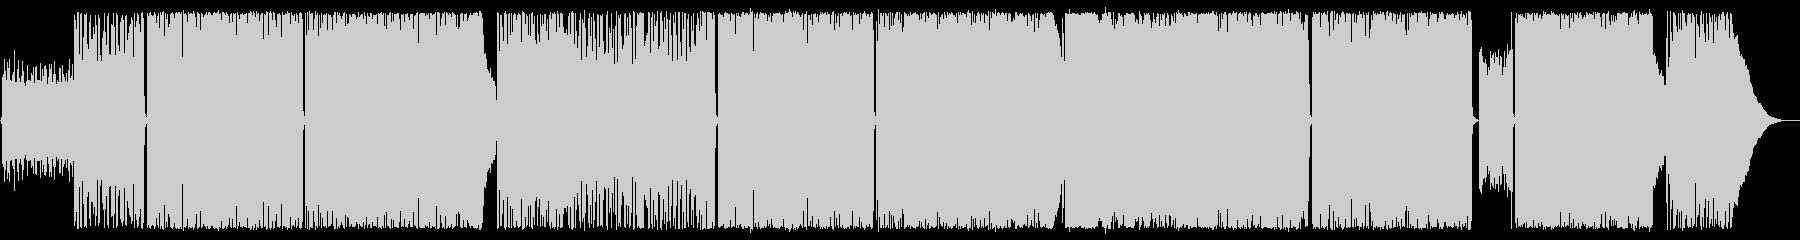 ギターアルペジオが印象的なRockの未再生の波形